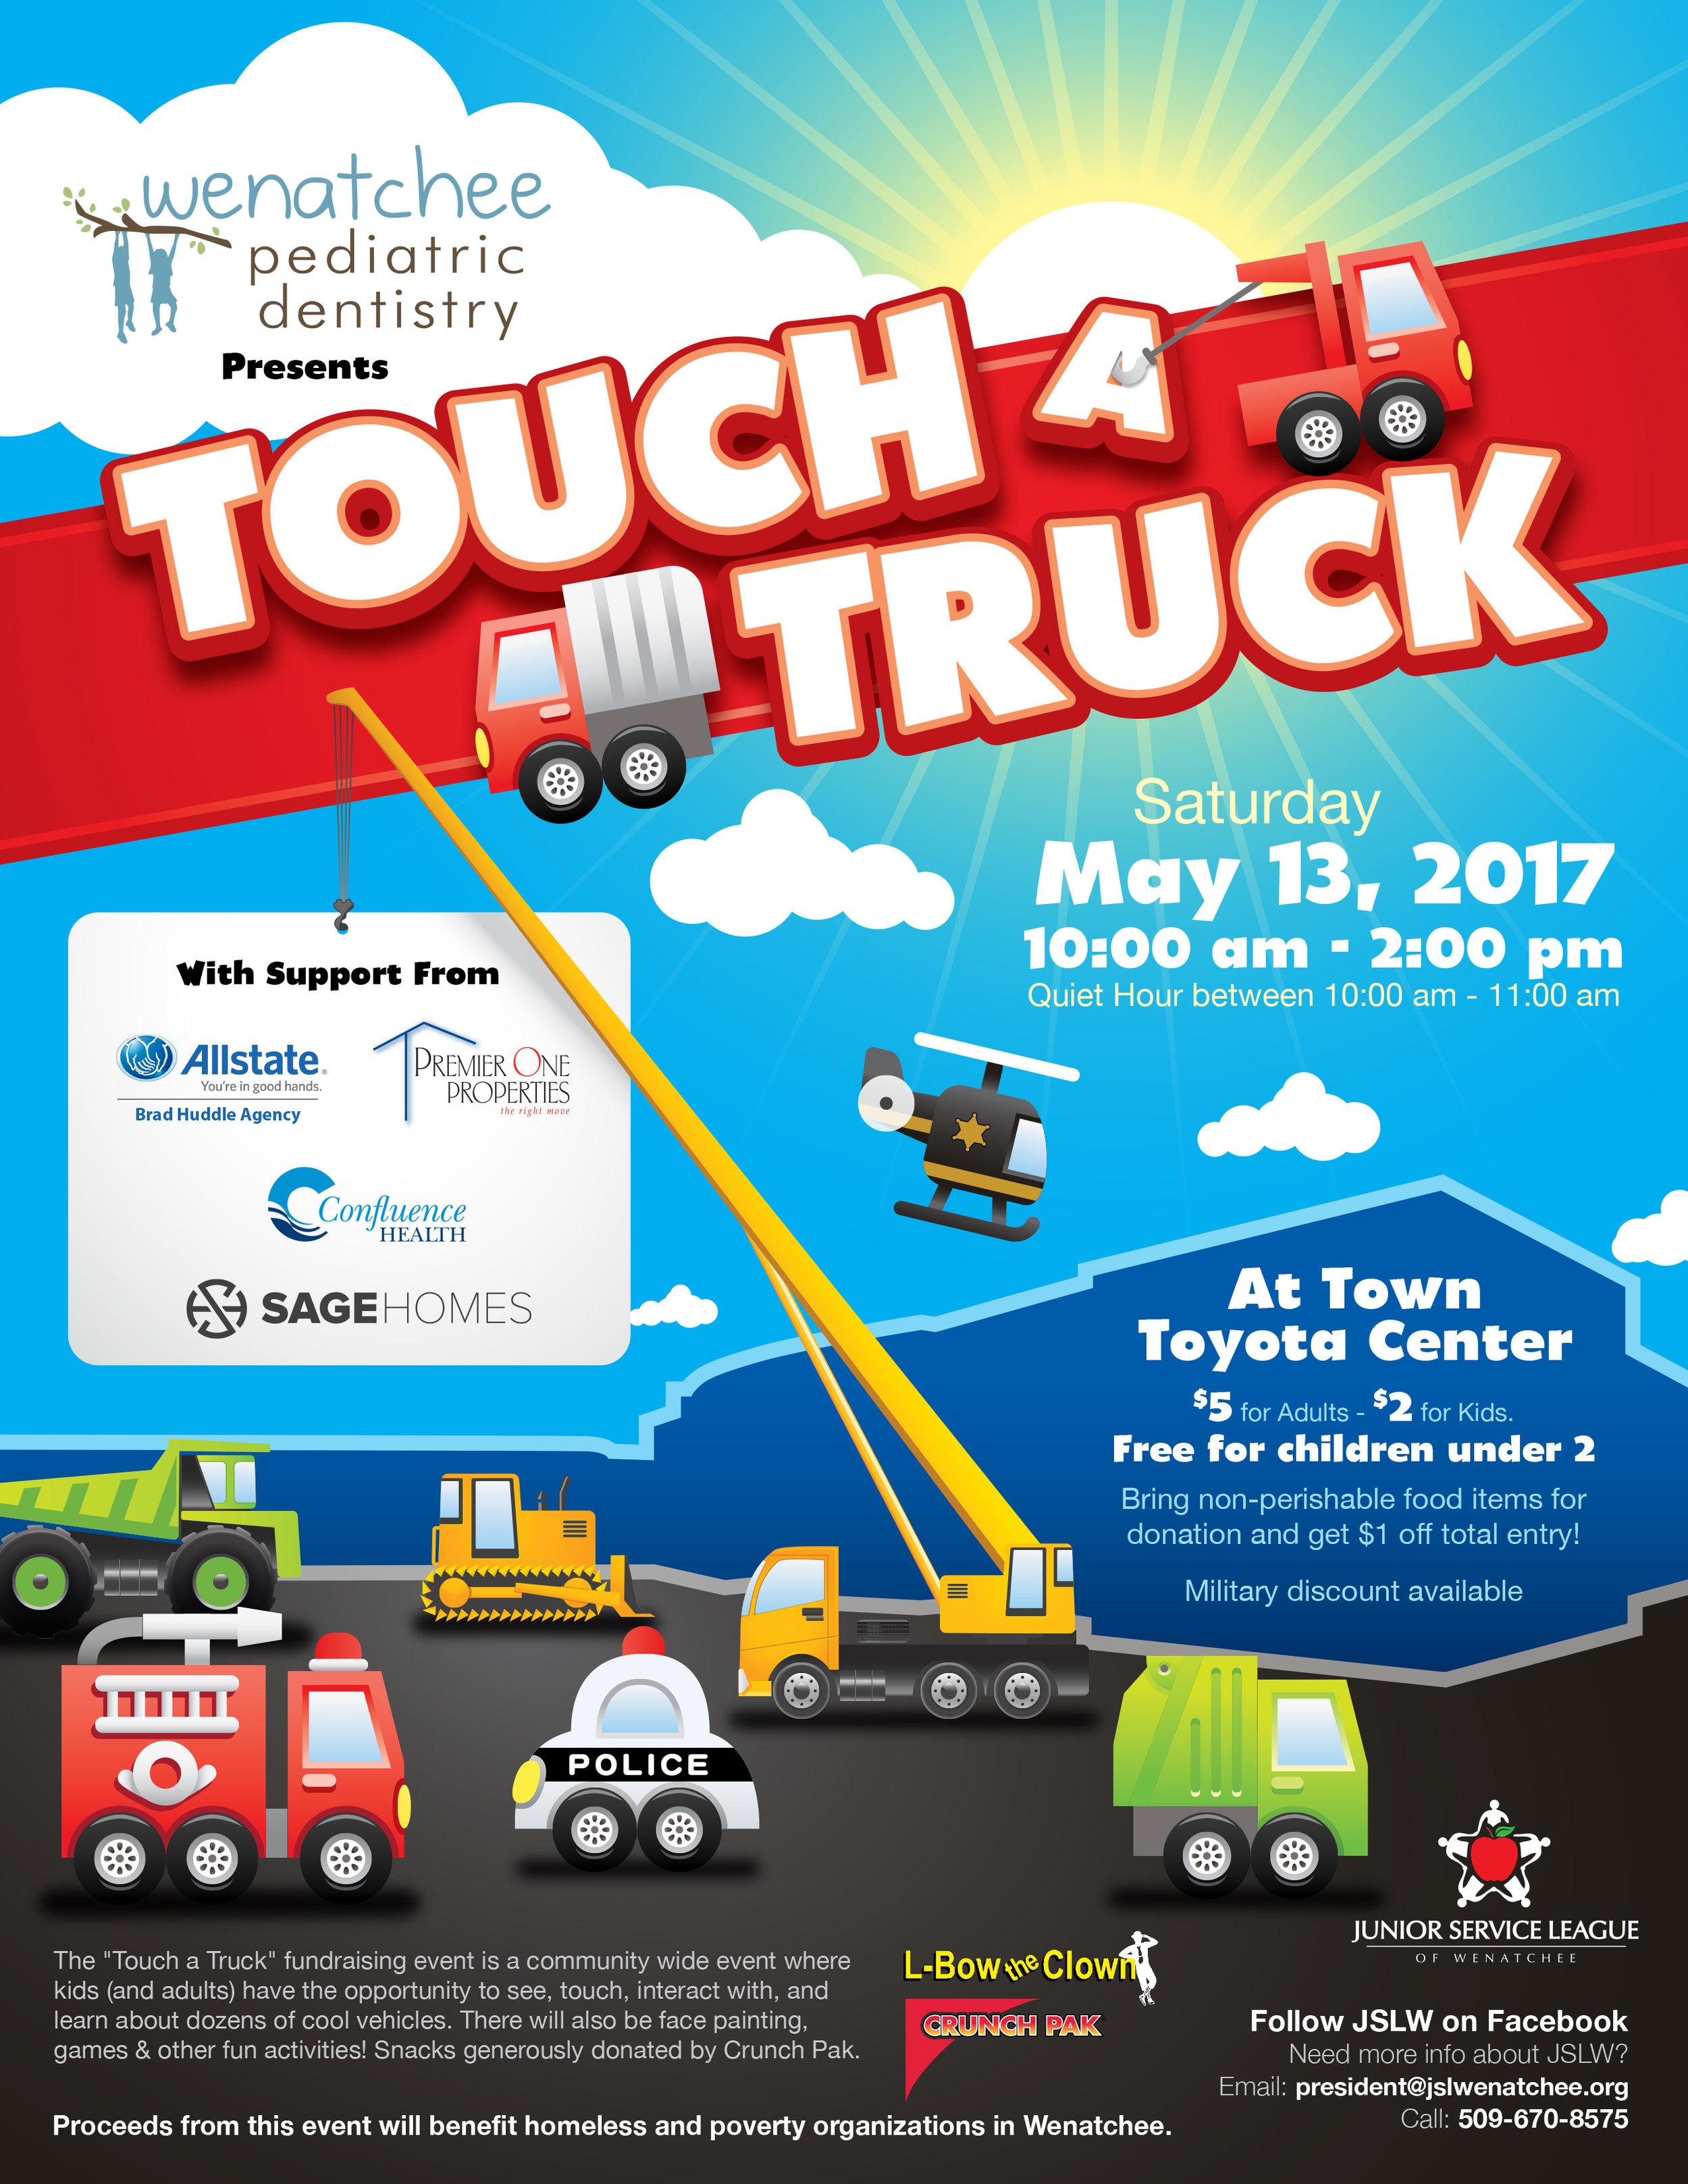 JSL_Touch-A-Truck_Flyer_2017_